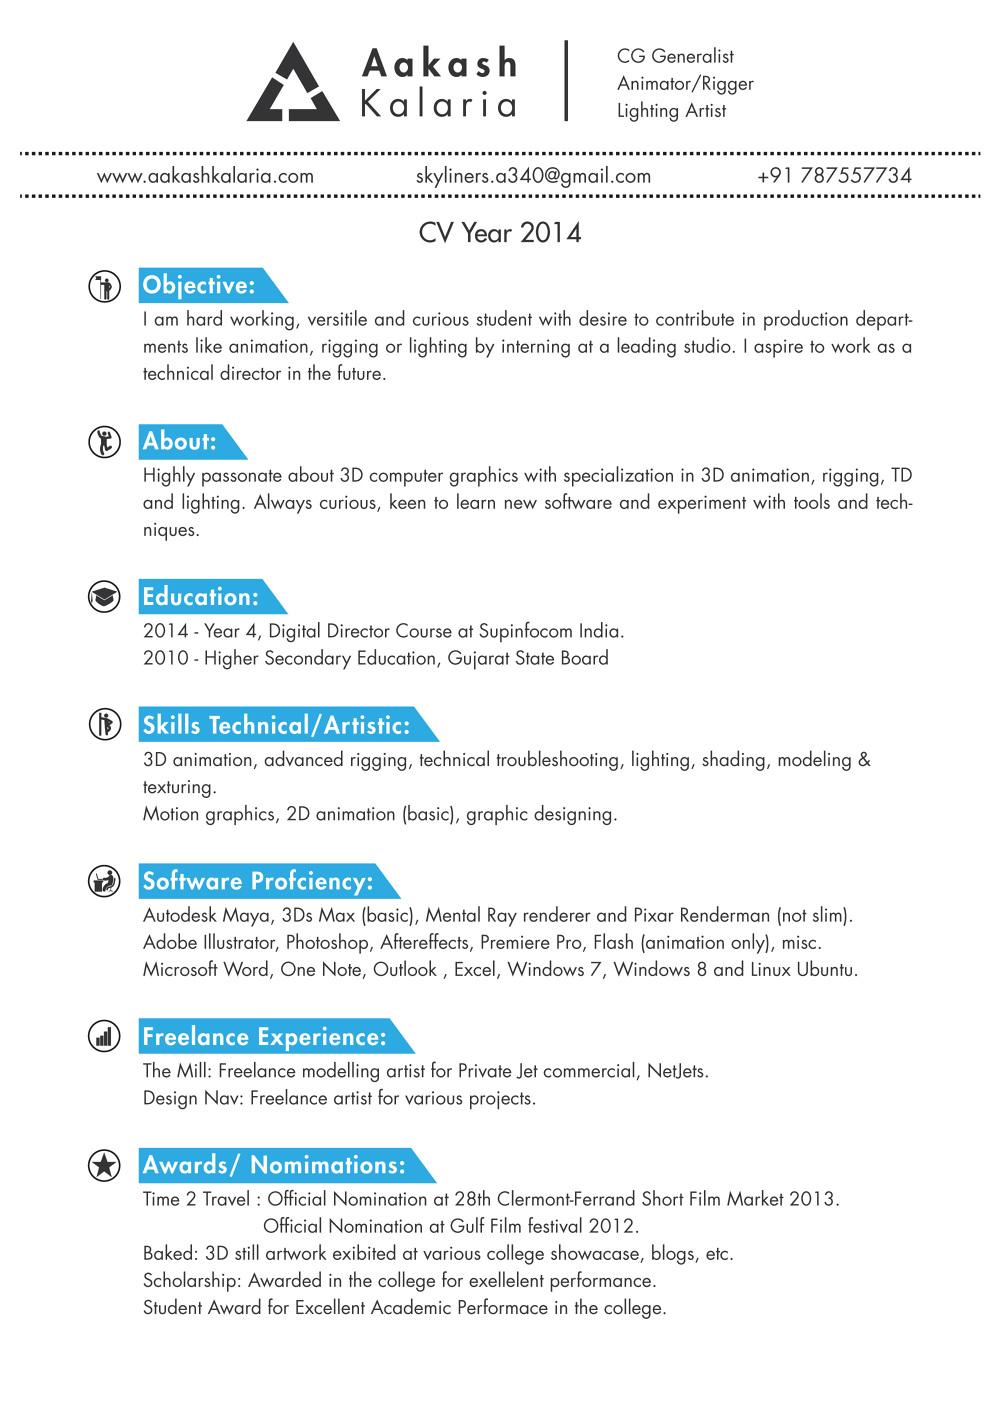 CV Resume - CV Login - Curriculum Vitae